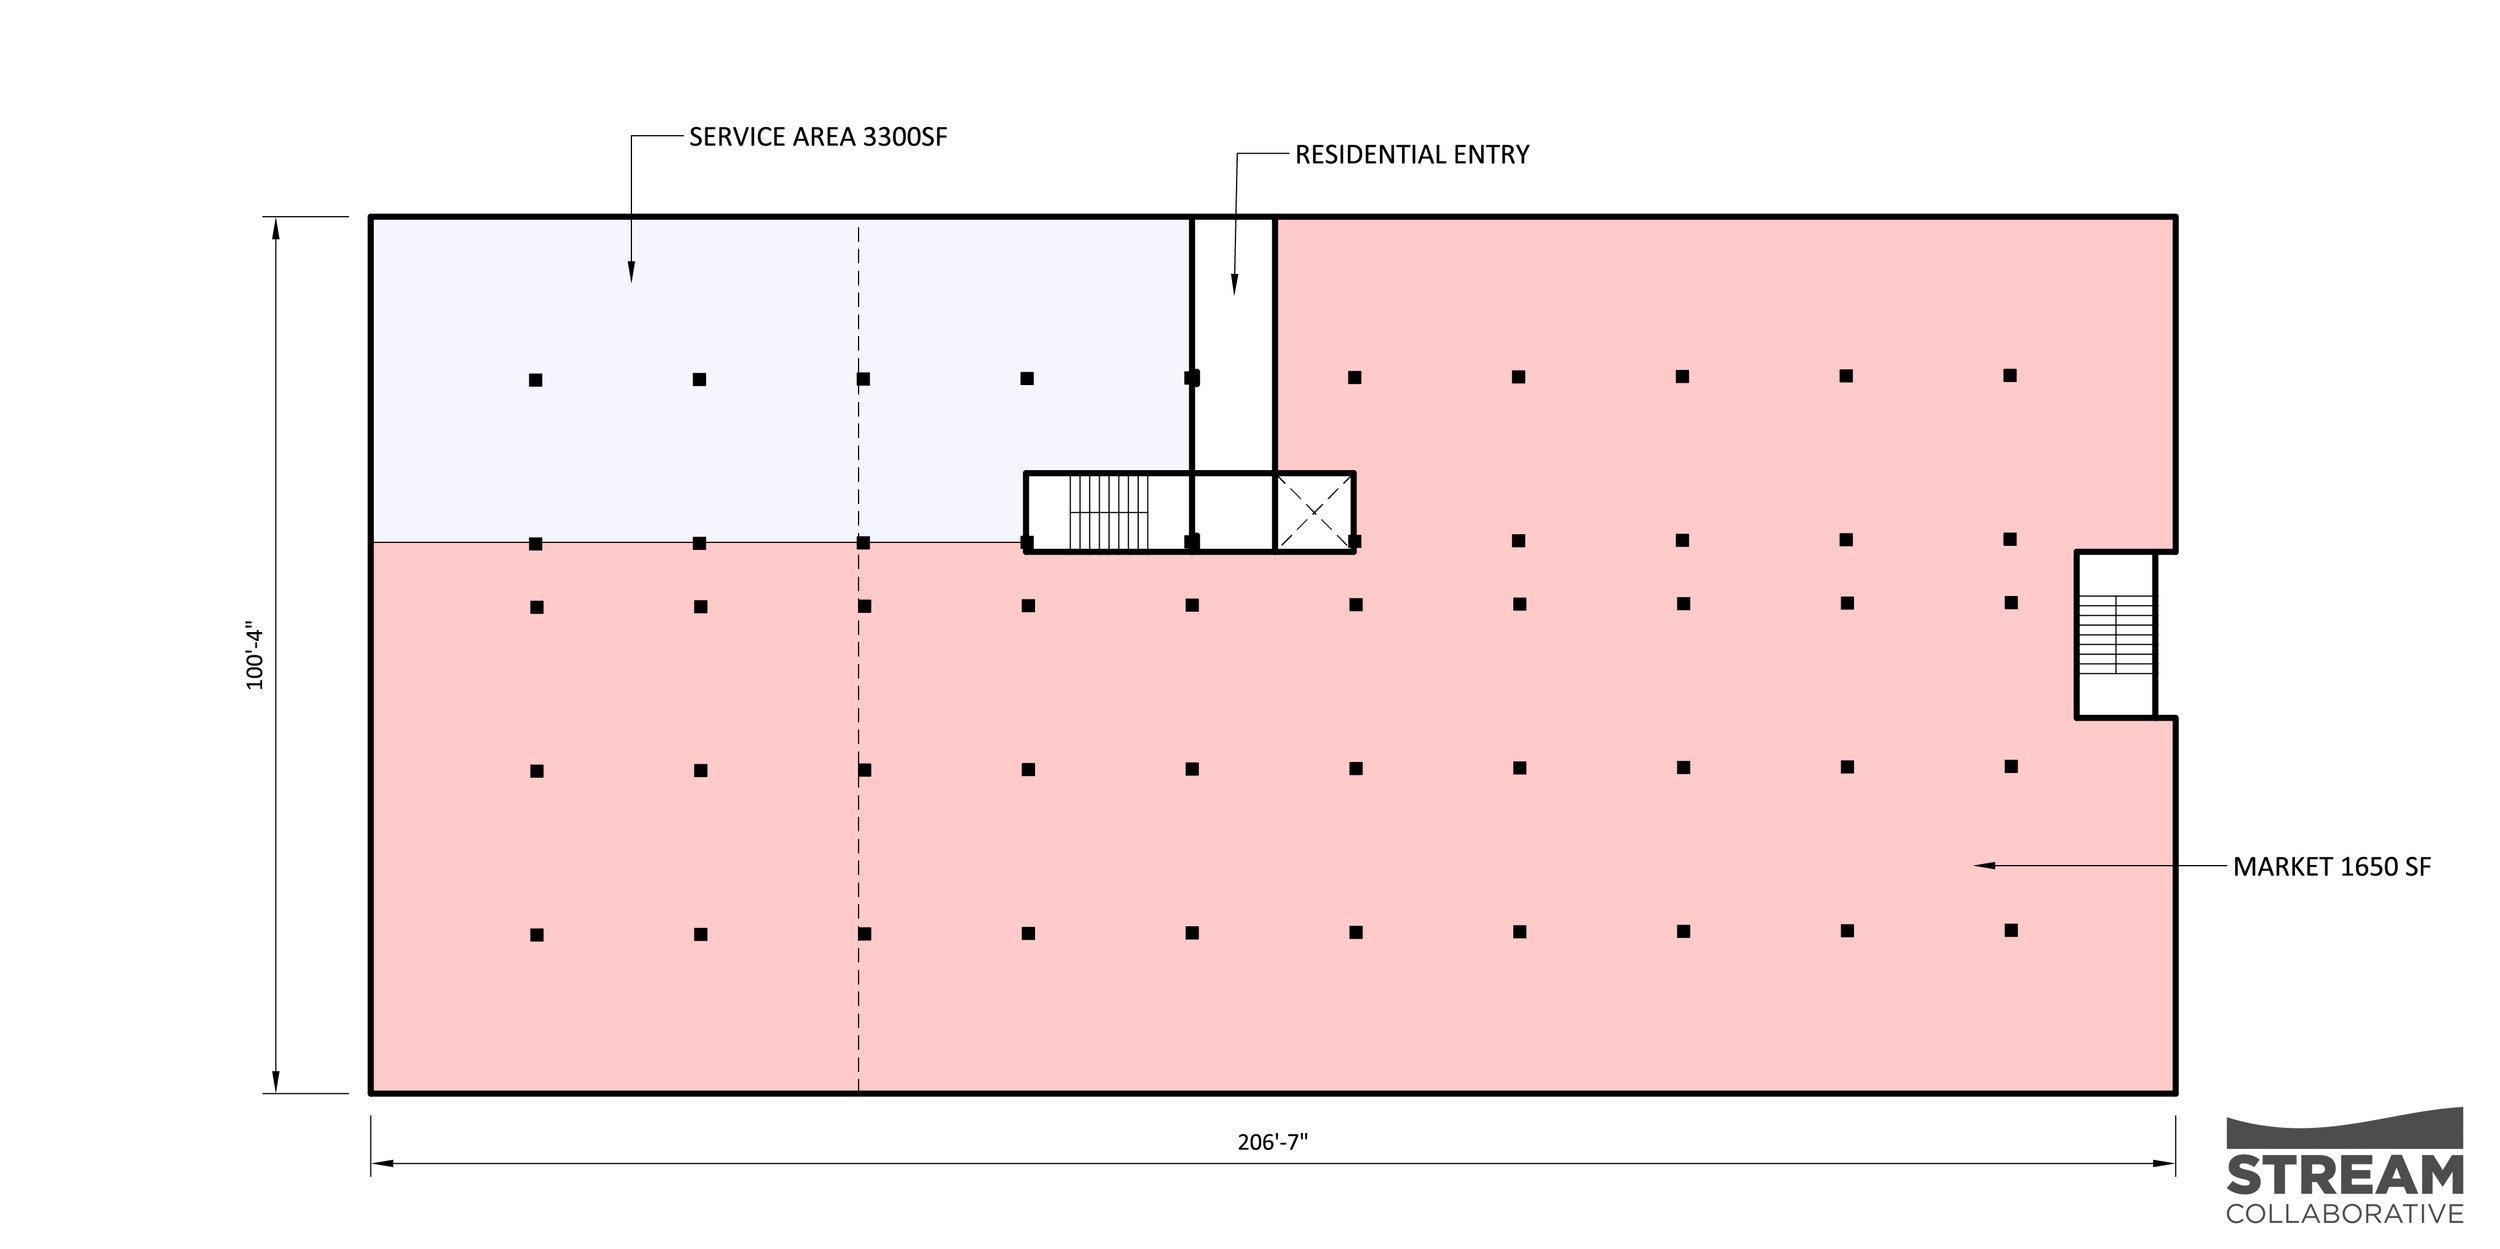 GROUND FLOOR PLAN: MARKET/RETAIL SPACES